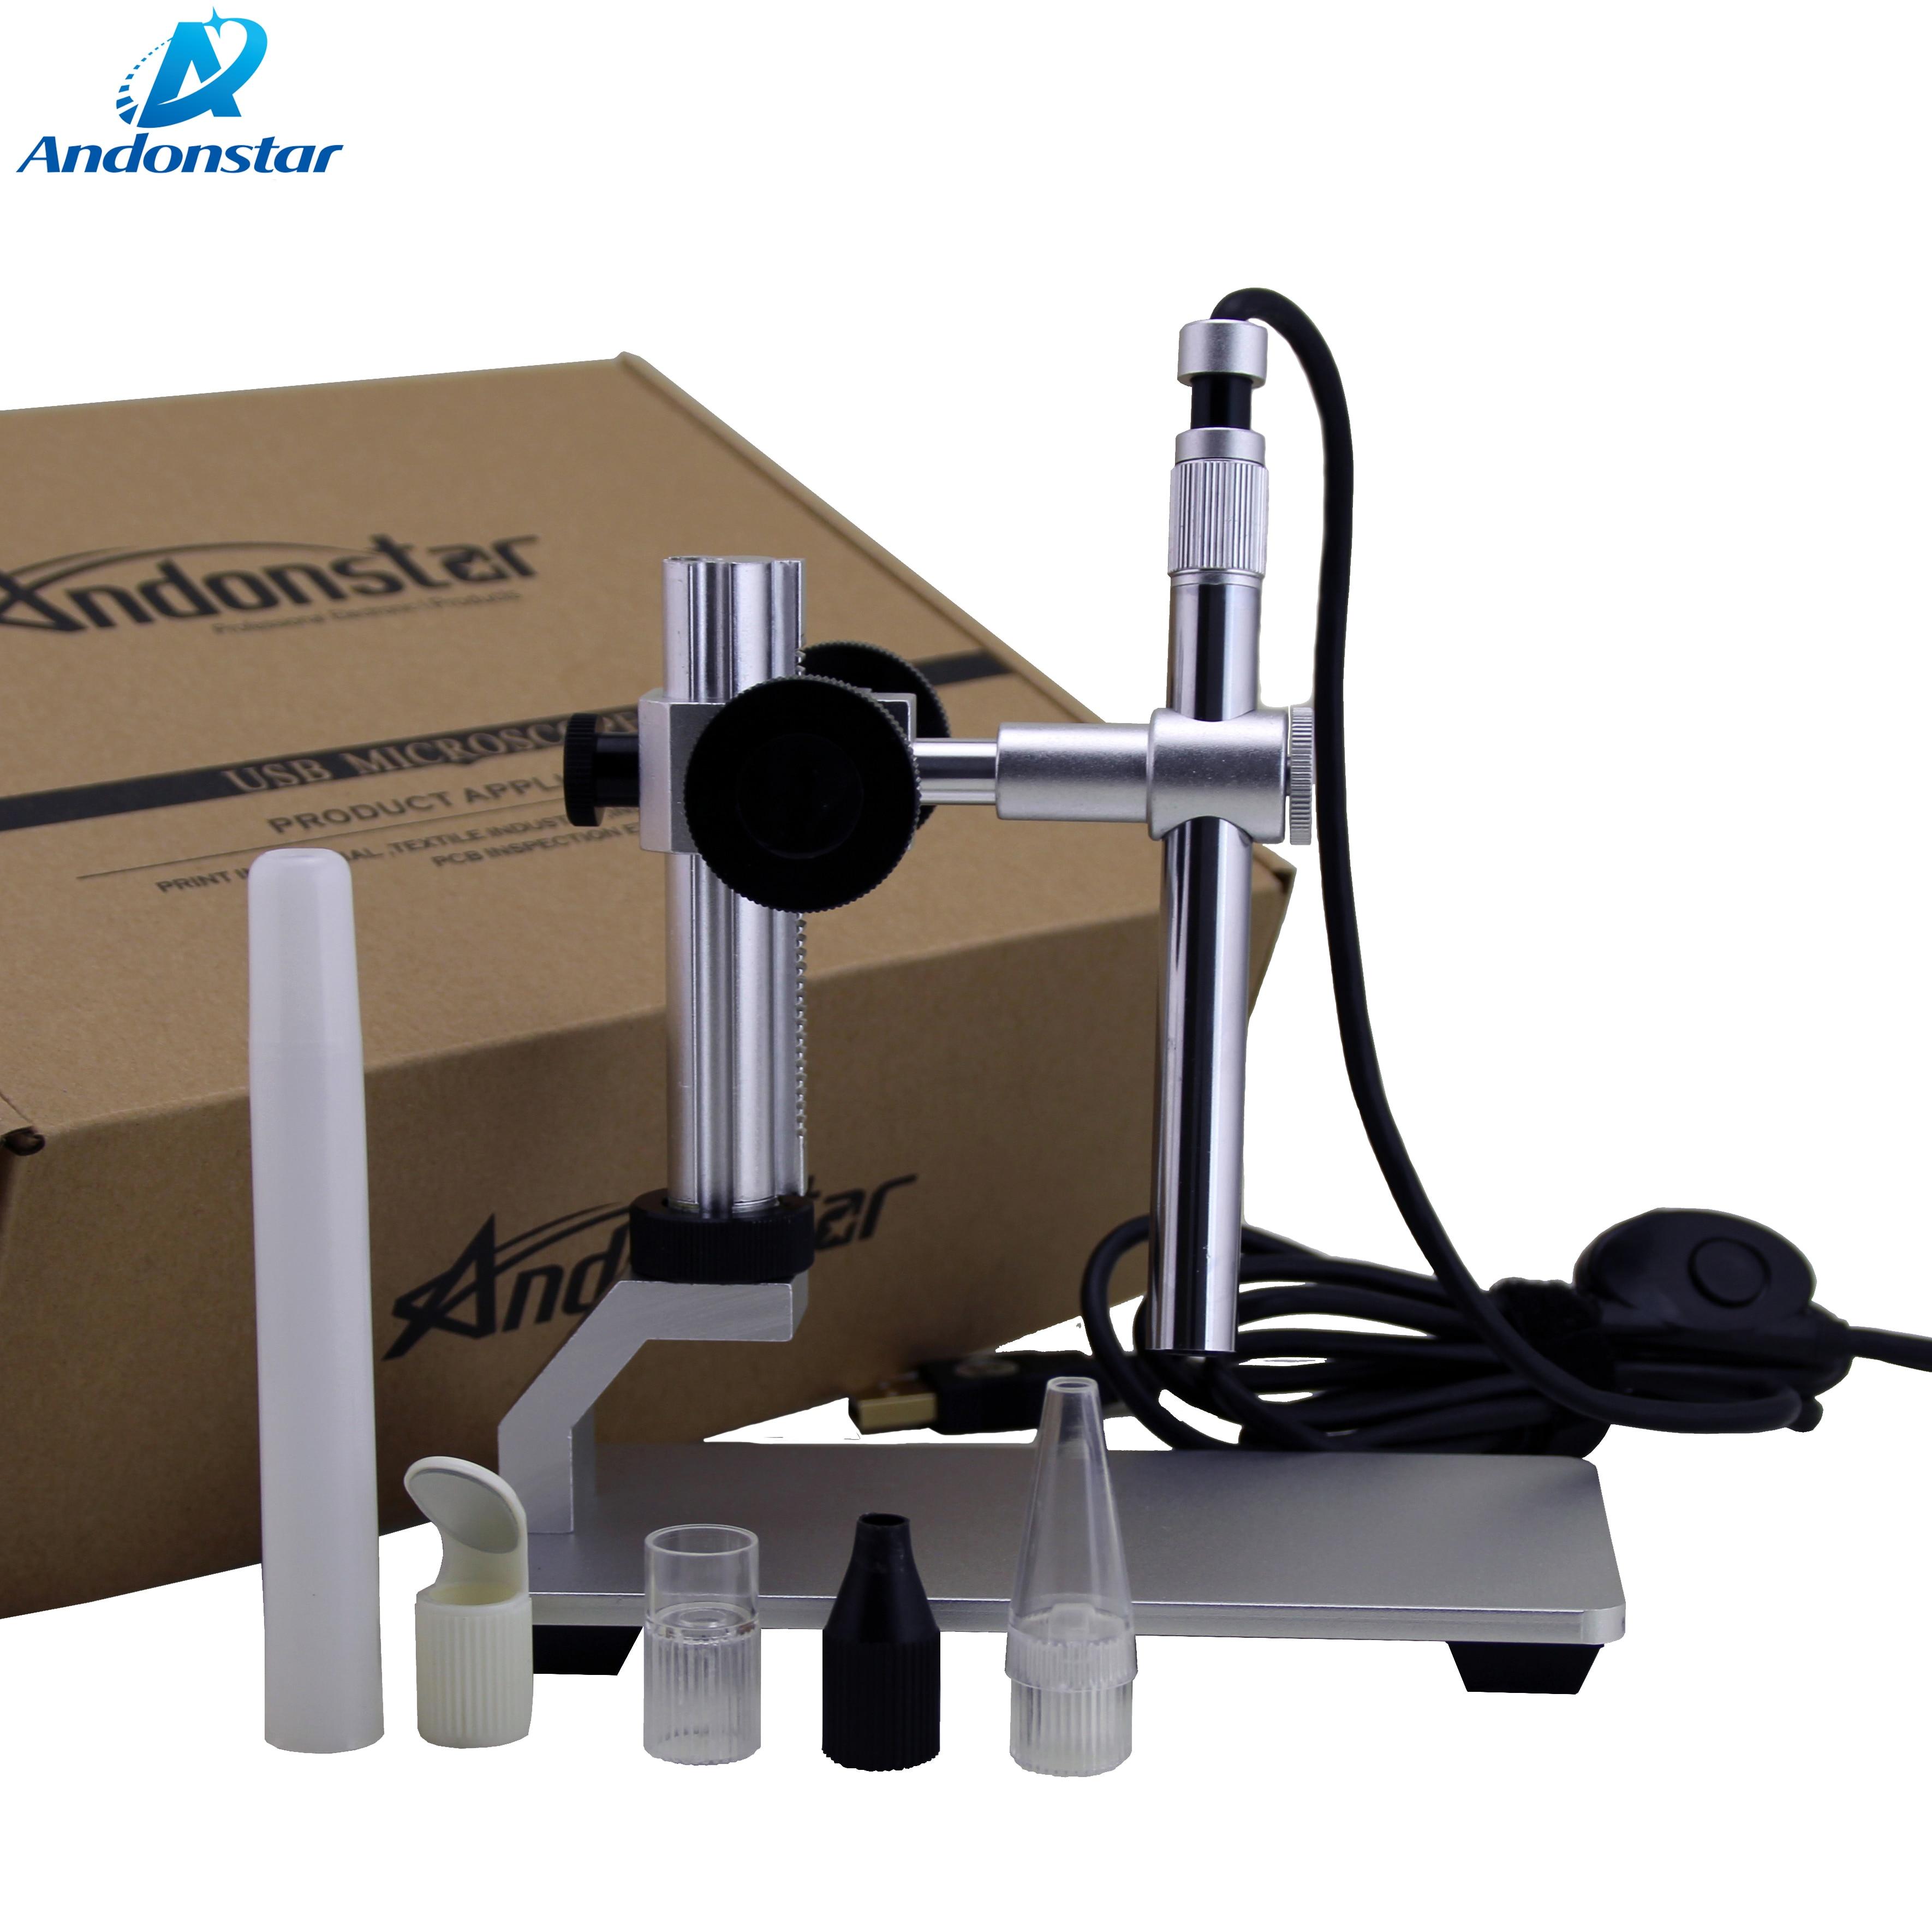 Andonstar 500X USB цифровой микроскоп V160 эндоскоп 2 мегапиксельная Лупа камера ручной микроскоп с программным обеспечением для промышленного тести